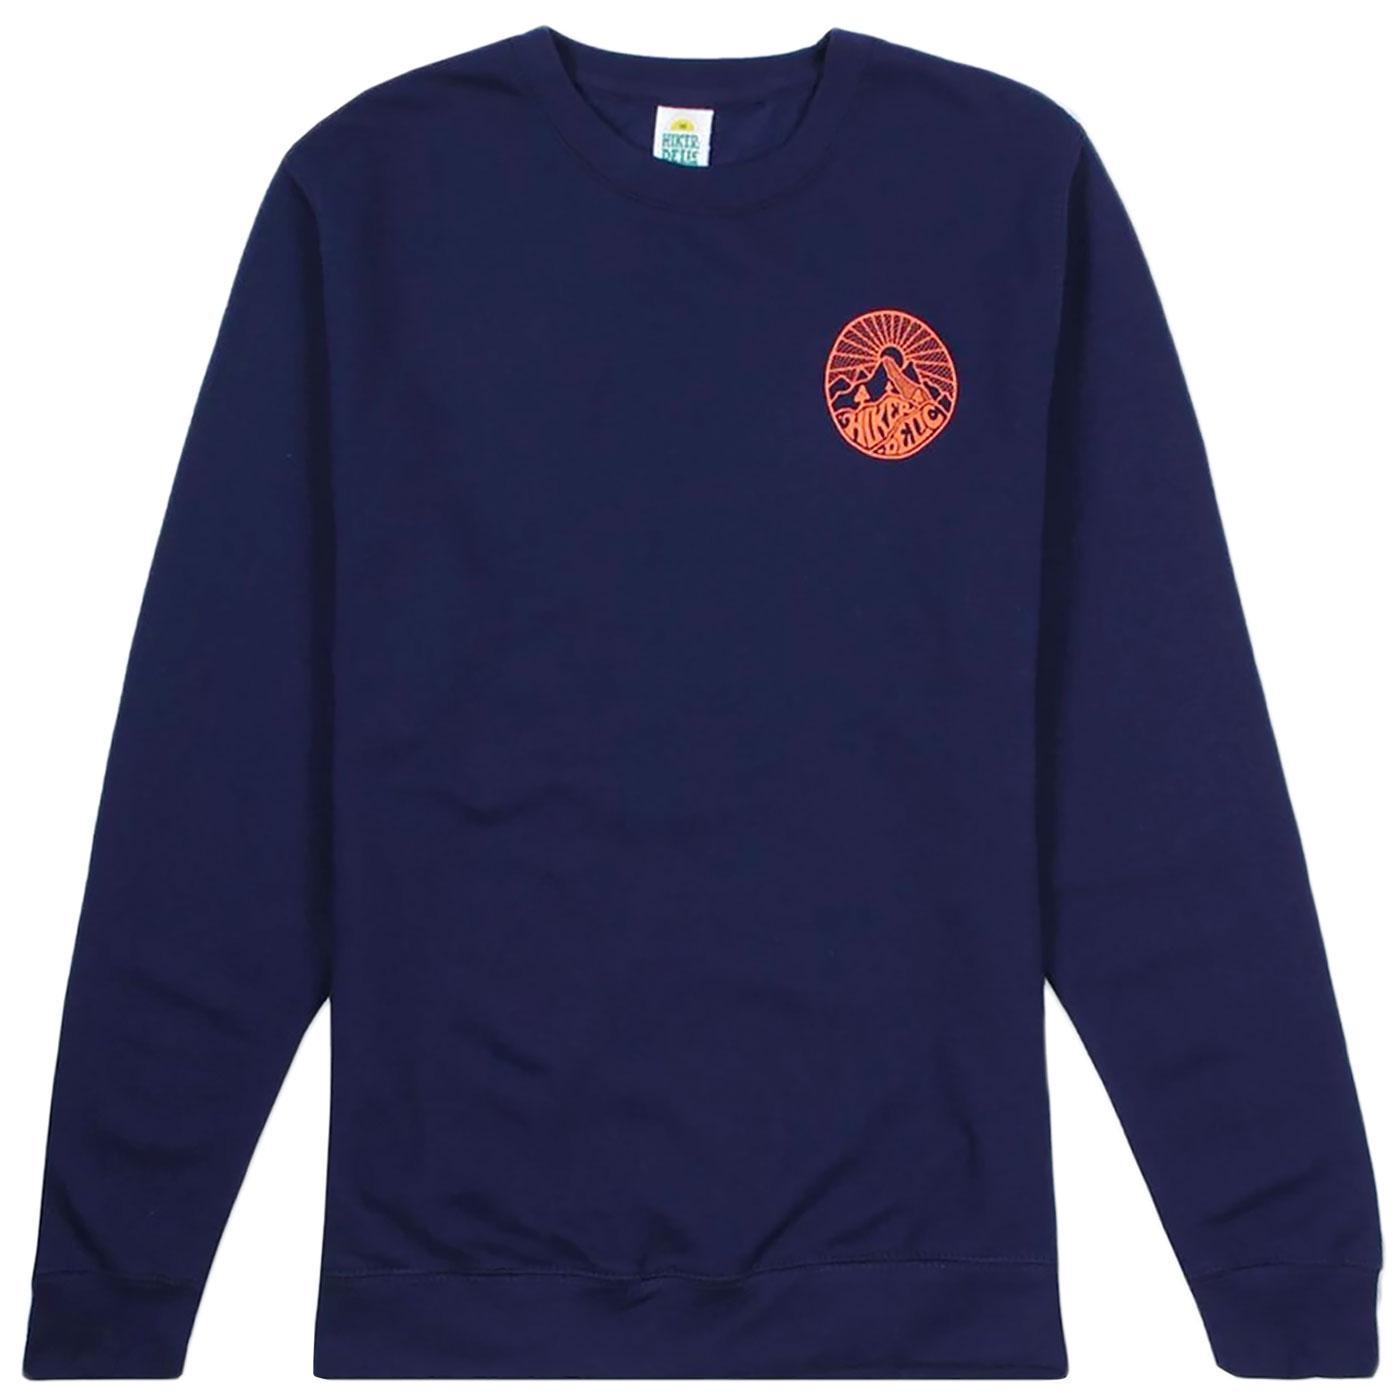 HIKERDELIC Men's Retro Core Logo Sweatshirt (Navy)